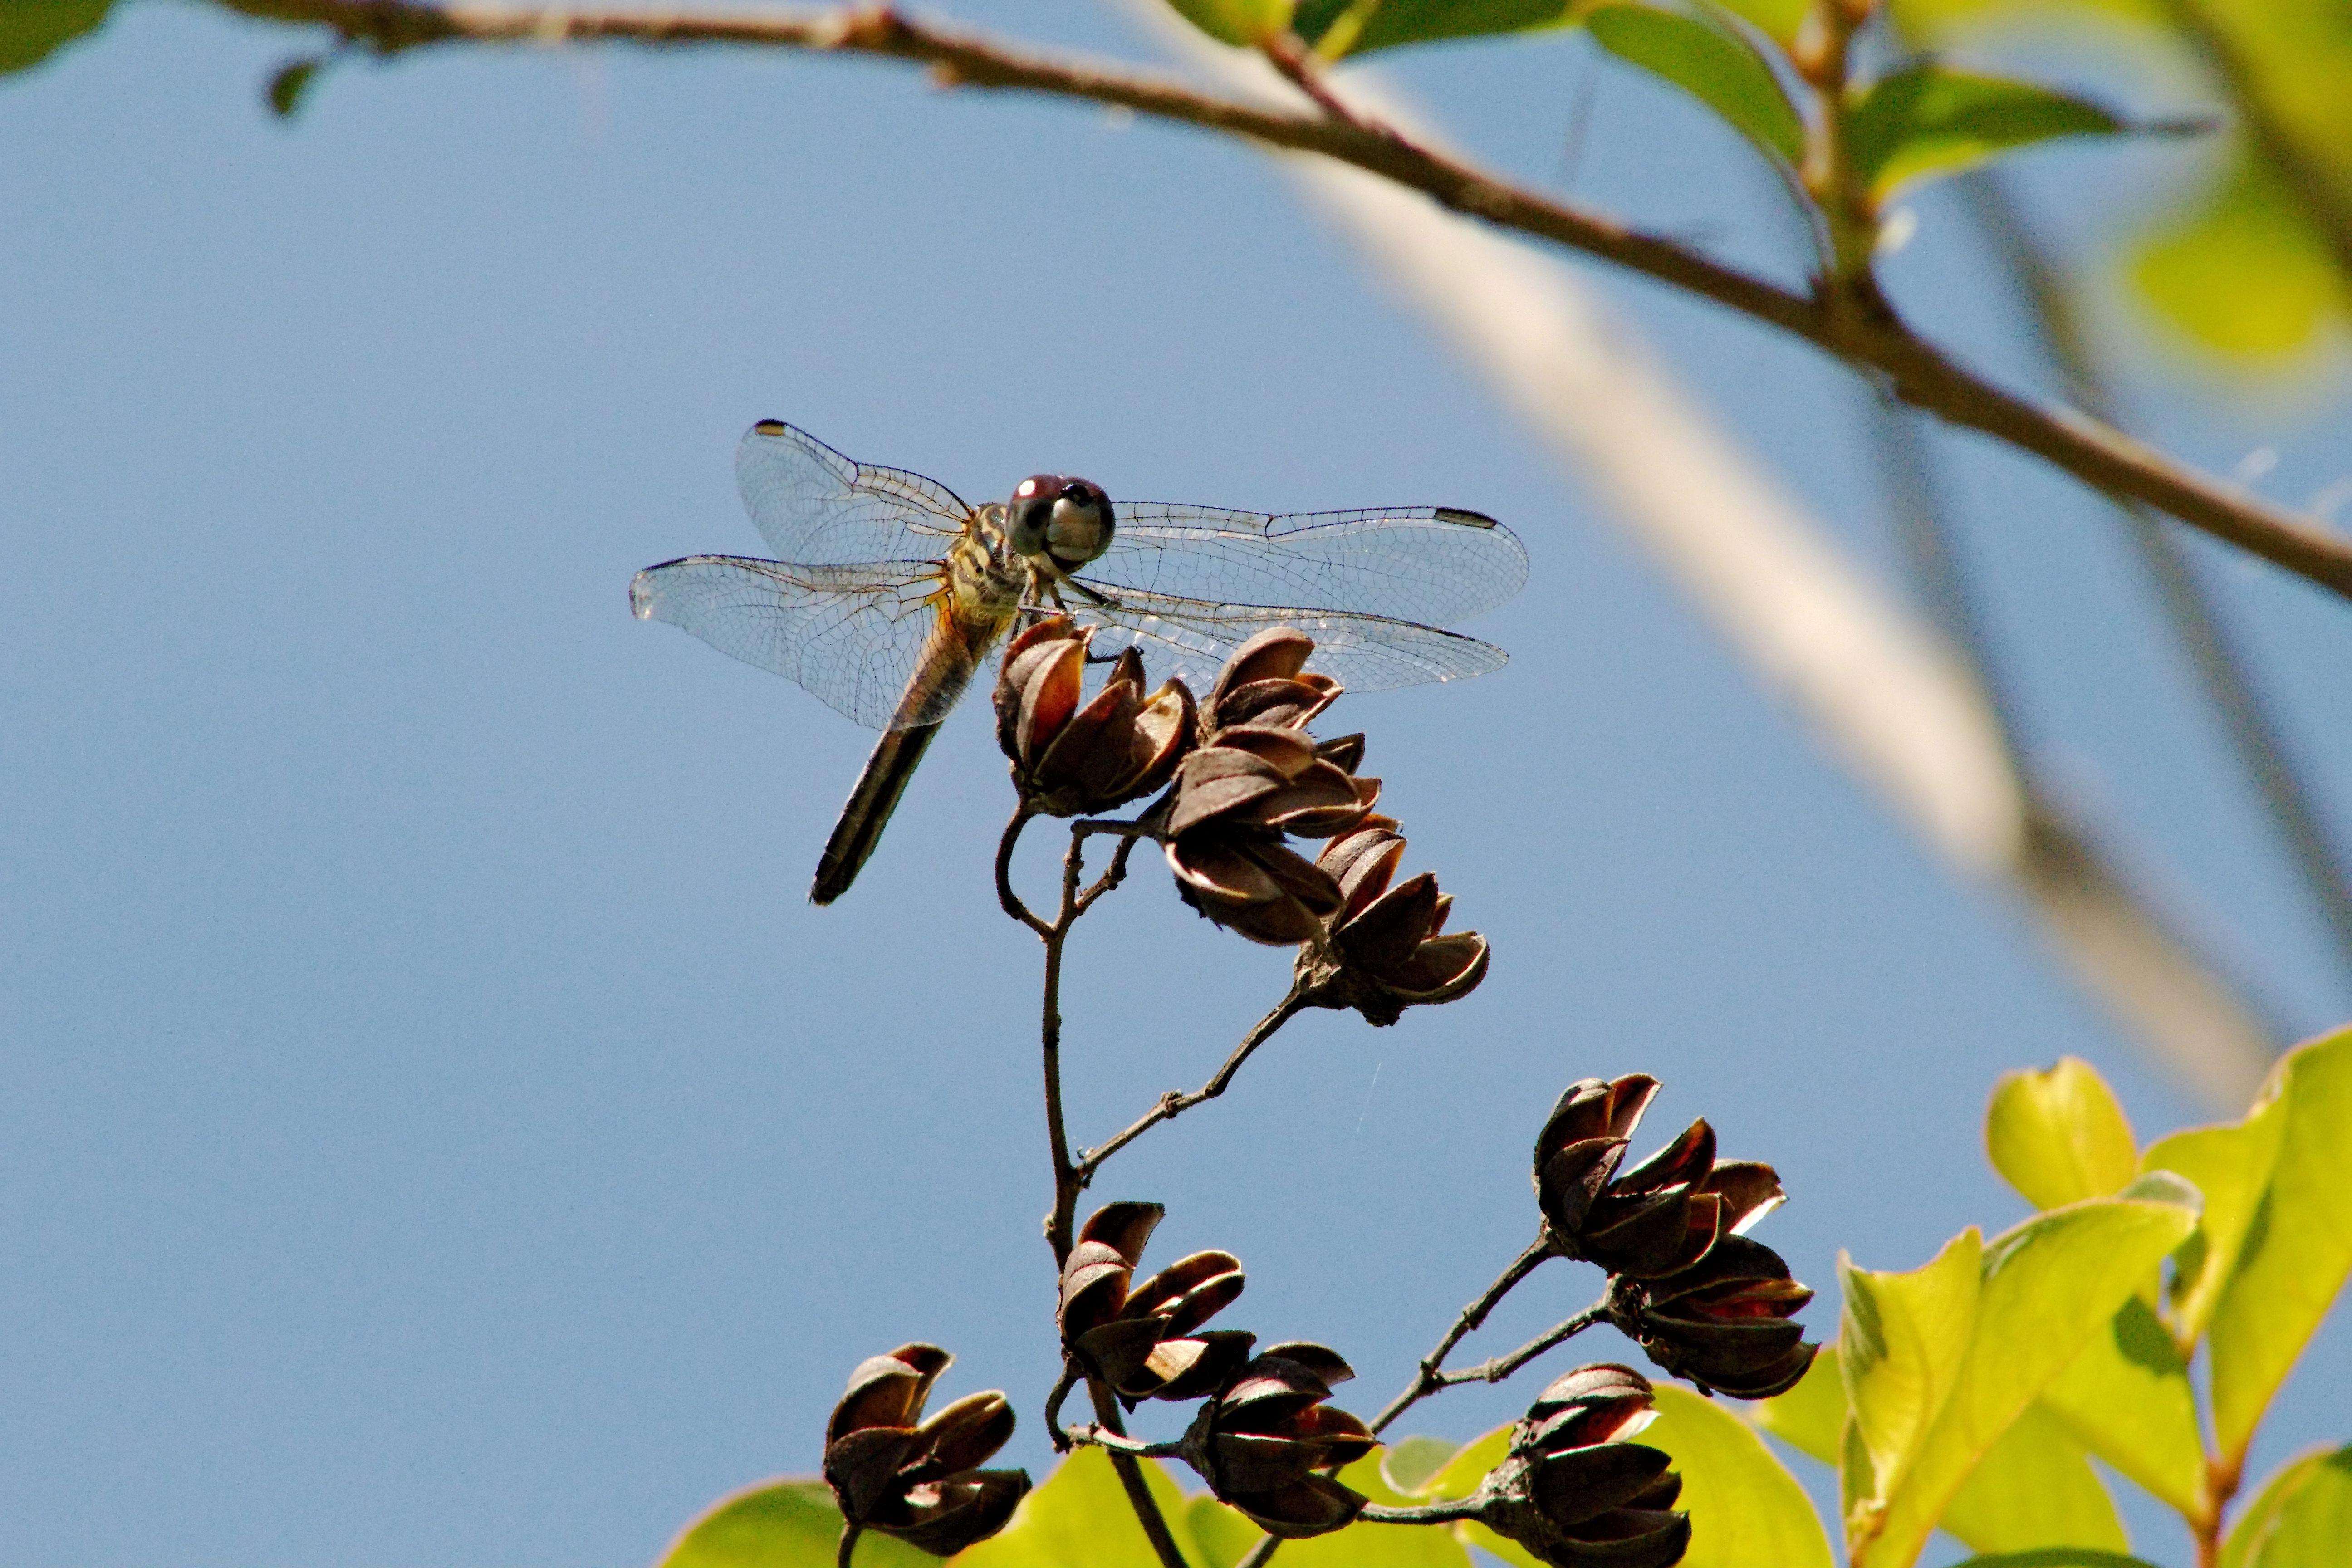 IMG_1068_v2_Dragonfly.jpg